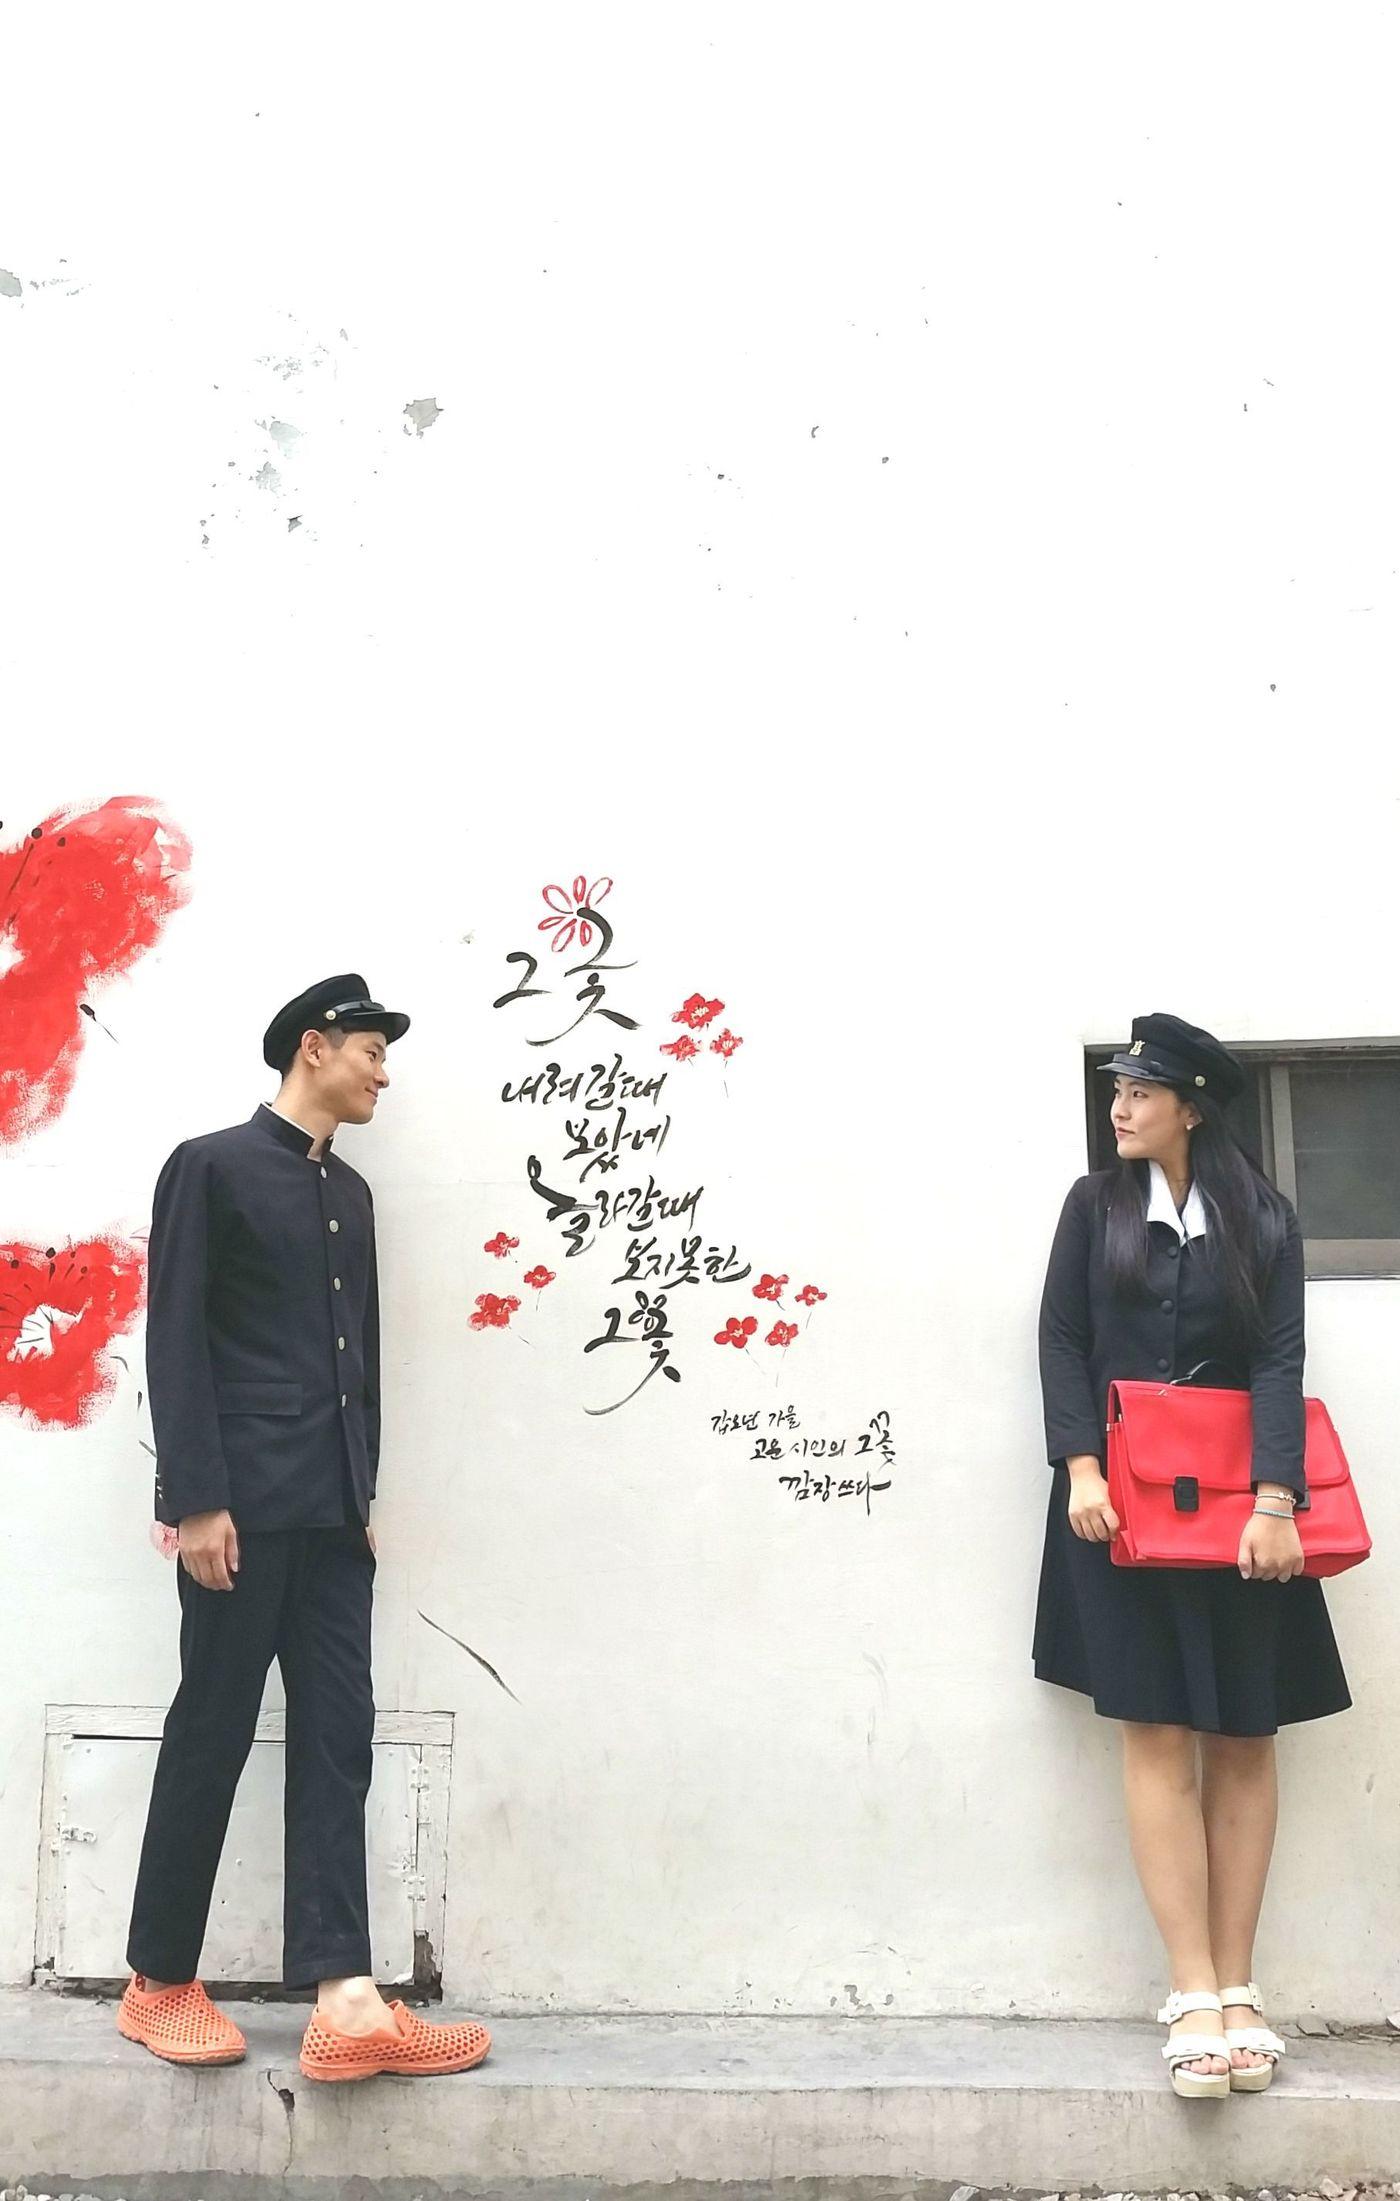 同じポーズはもう飽きた!韓国カップルに学ぶ可愛い写真の撮り方♡の6枚目の画像